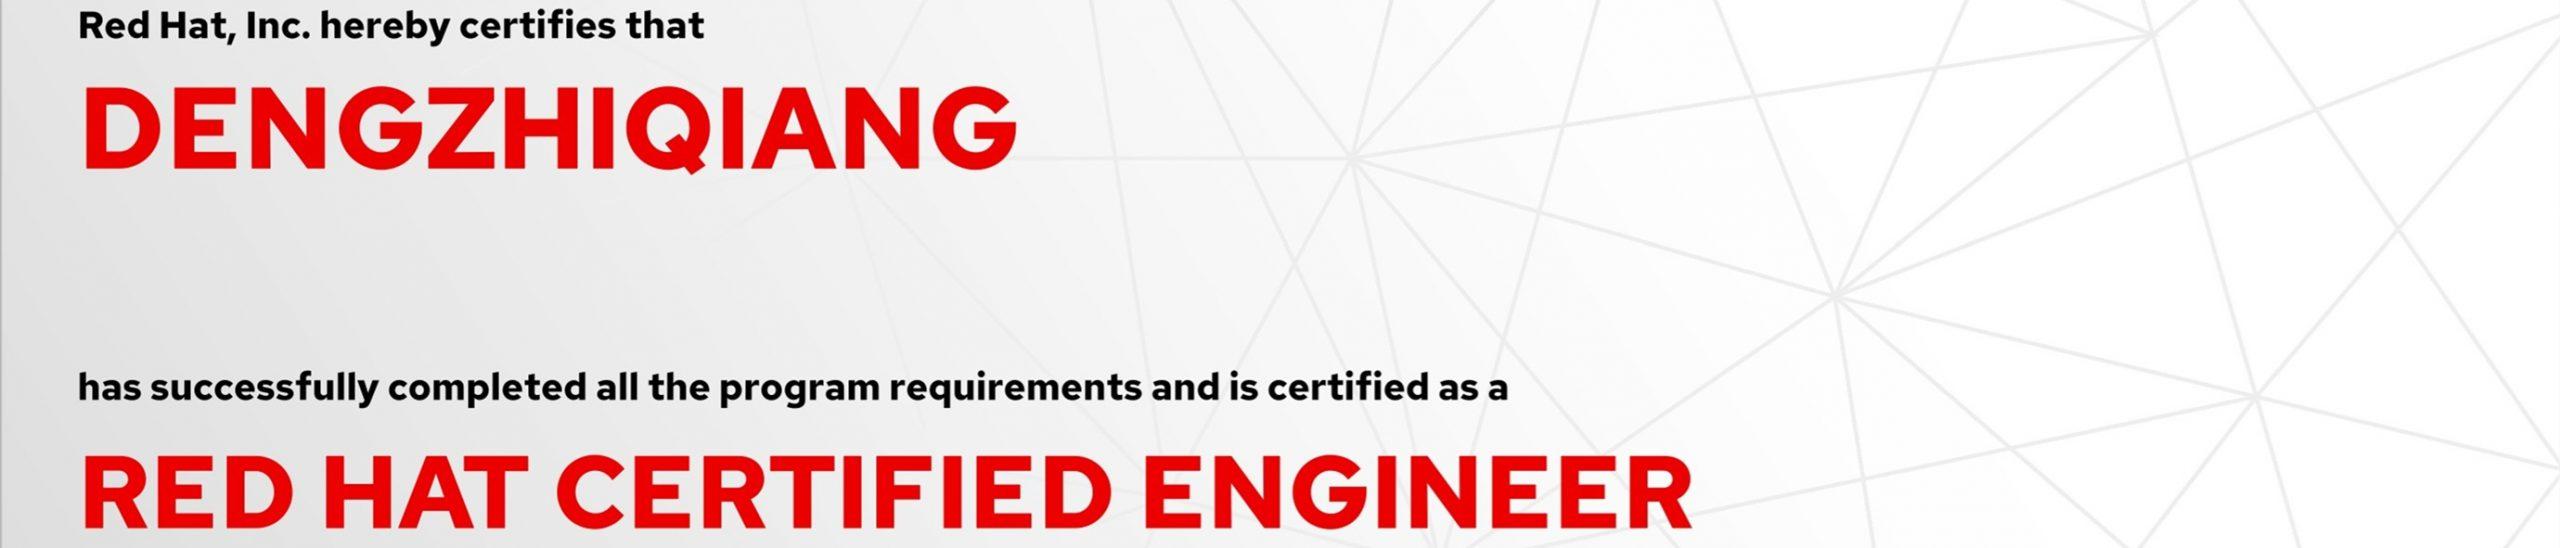 捷讯:邓志强6月9日北京顺利通过RHCE认证。